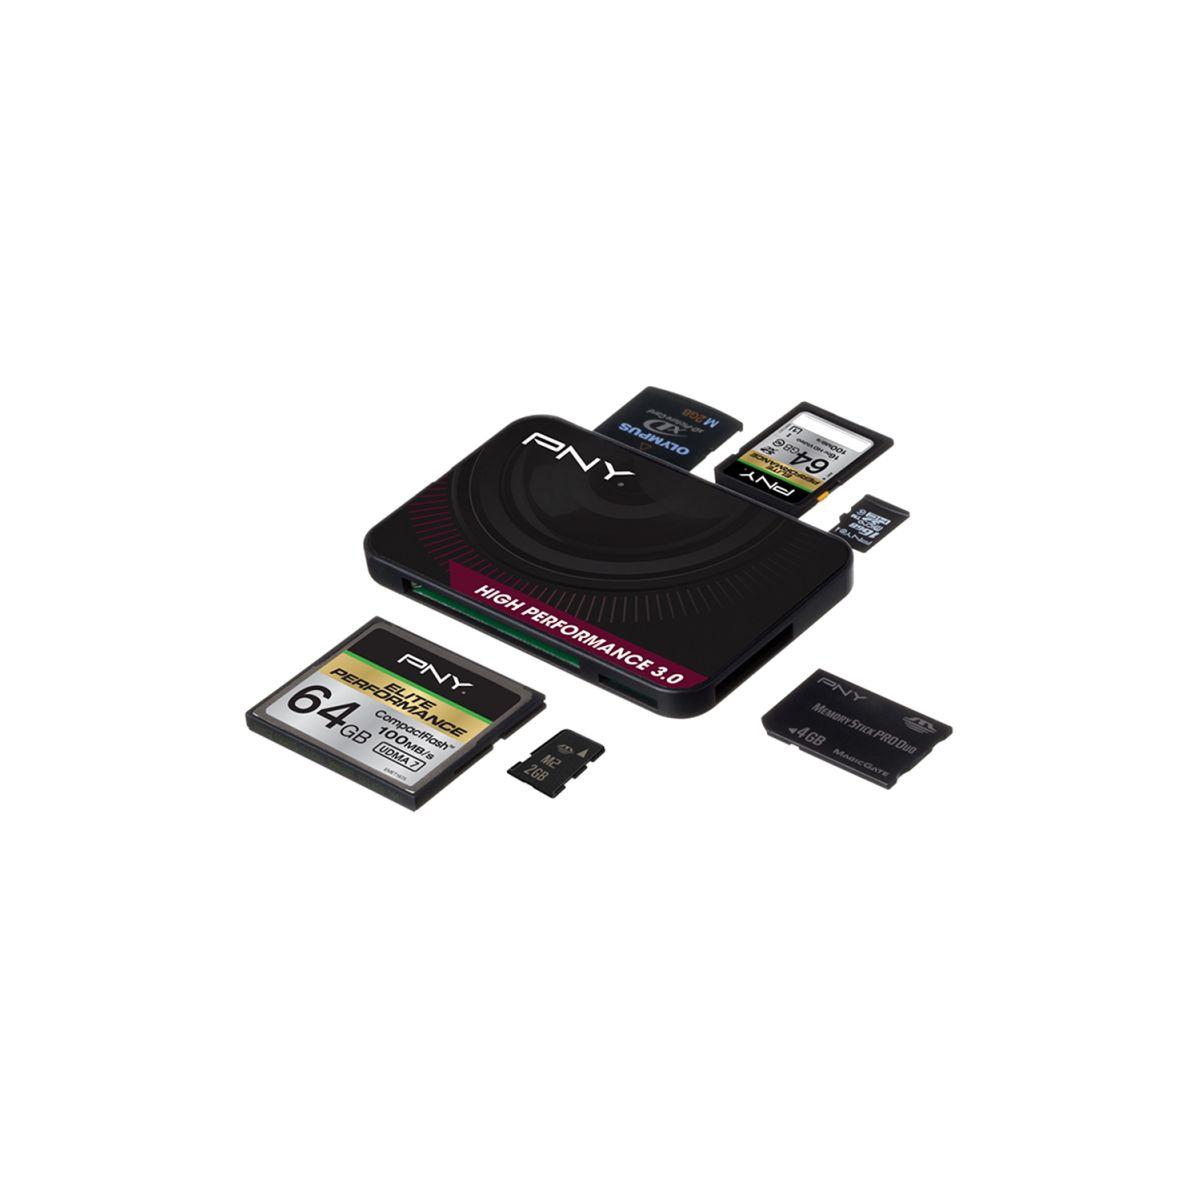 Lecteur pny carte mémoire - usb 3.0 - 2% de remise immédiate avec le code : fete2